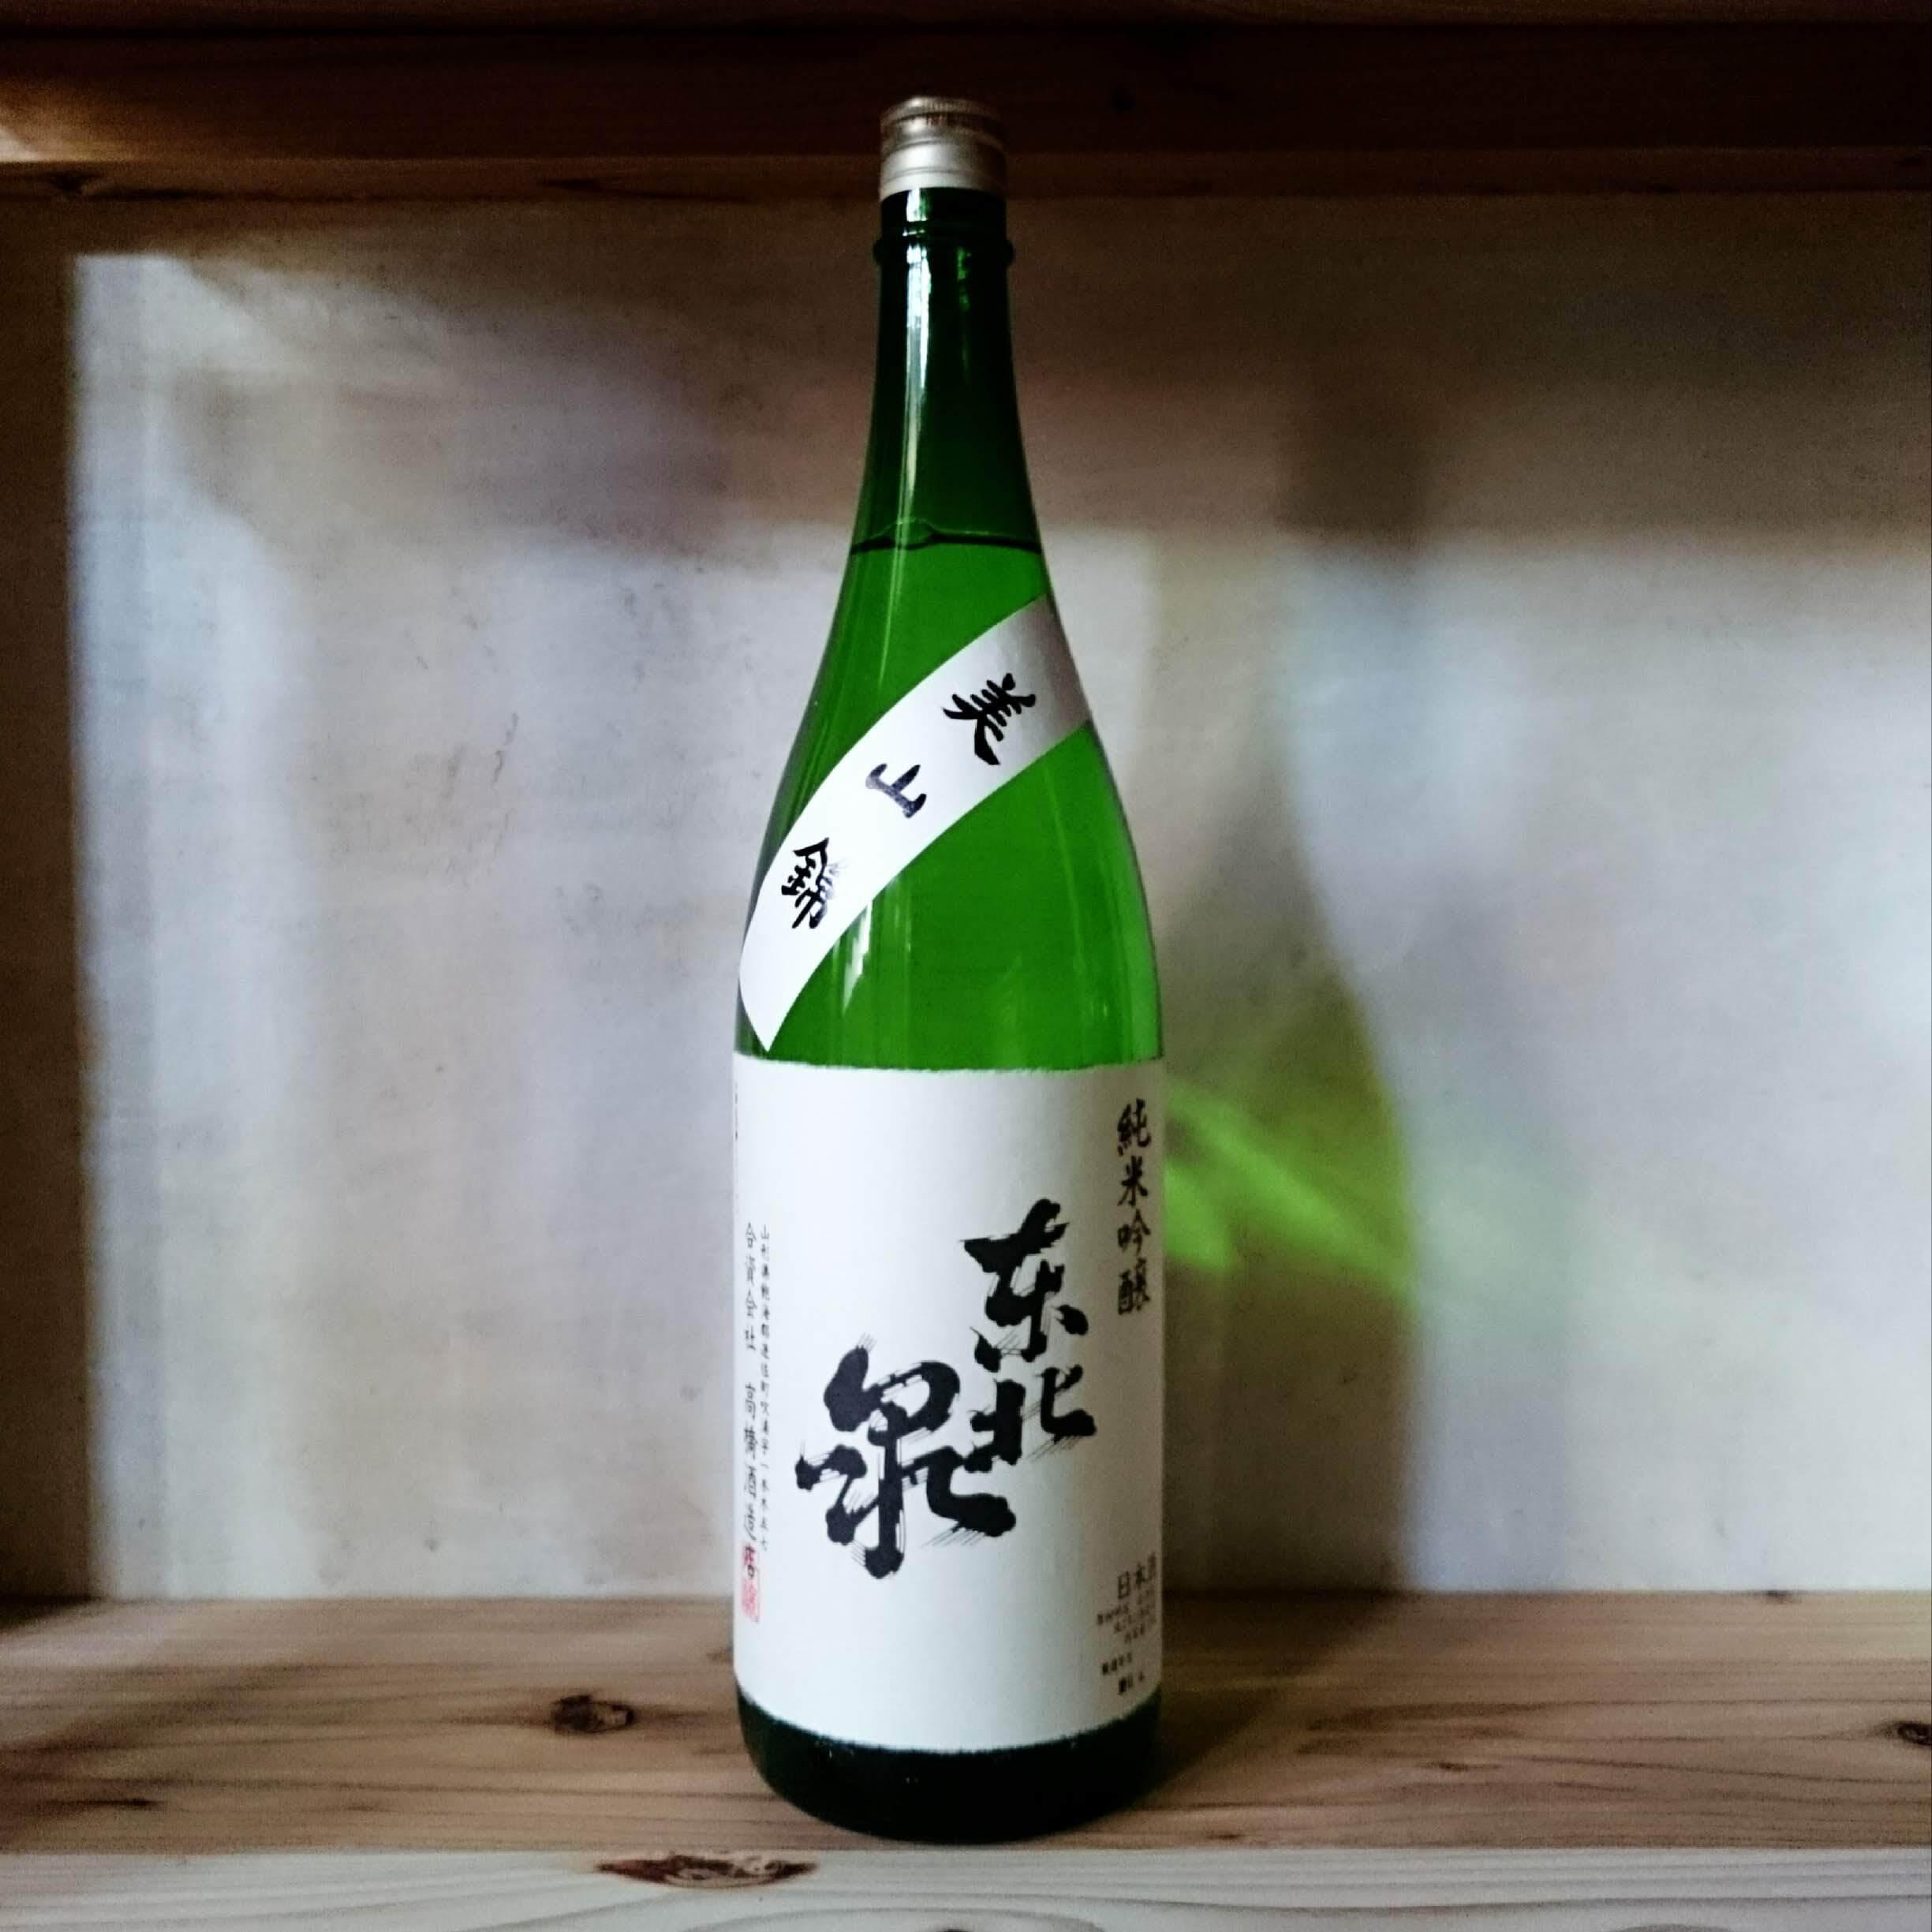 東北泉 純米吟醸 美山錦 720ml